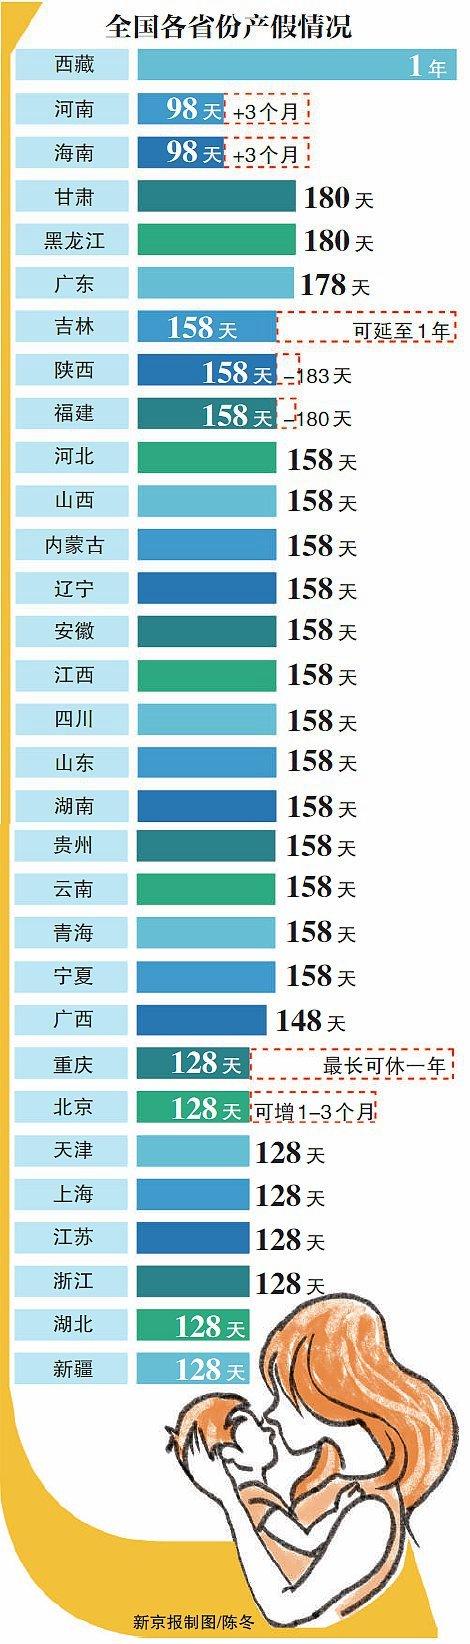 我国全面延长产假 西藏产假全国最长